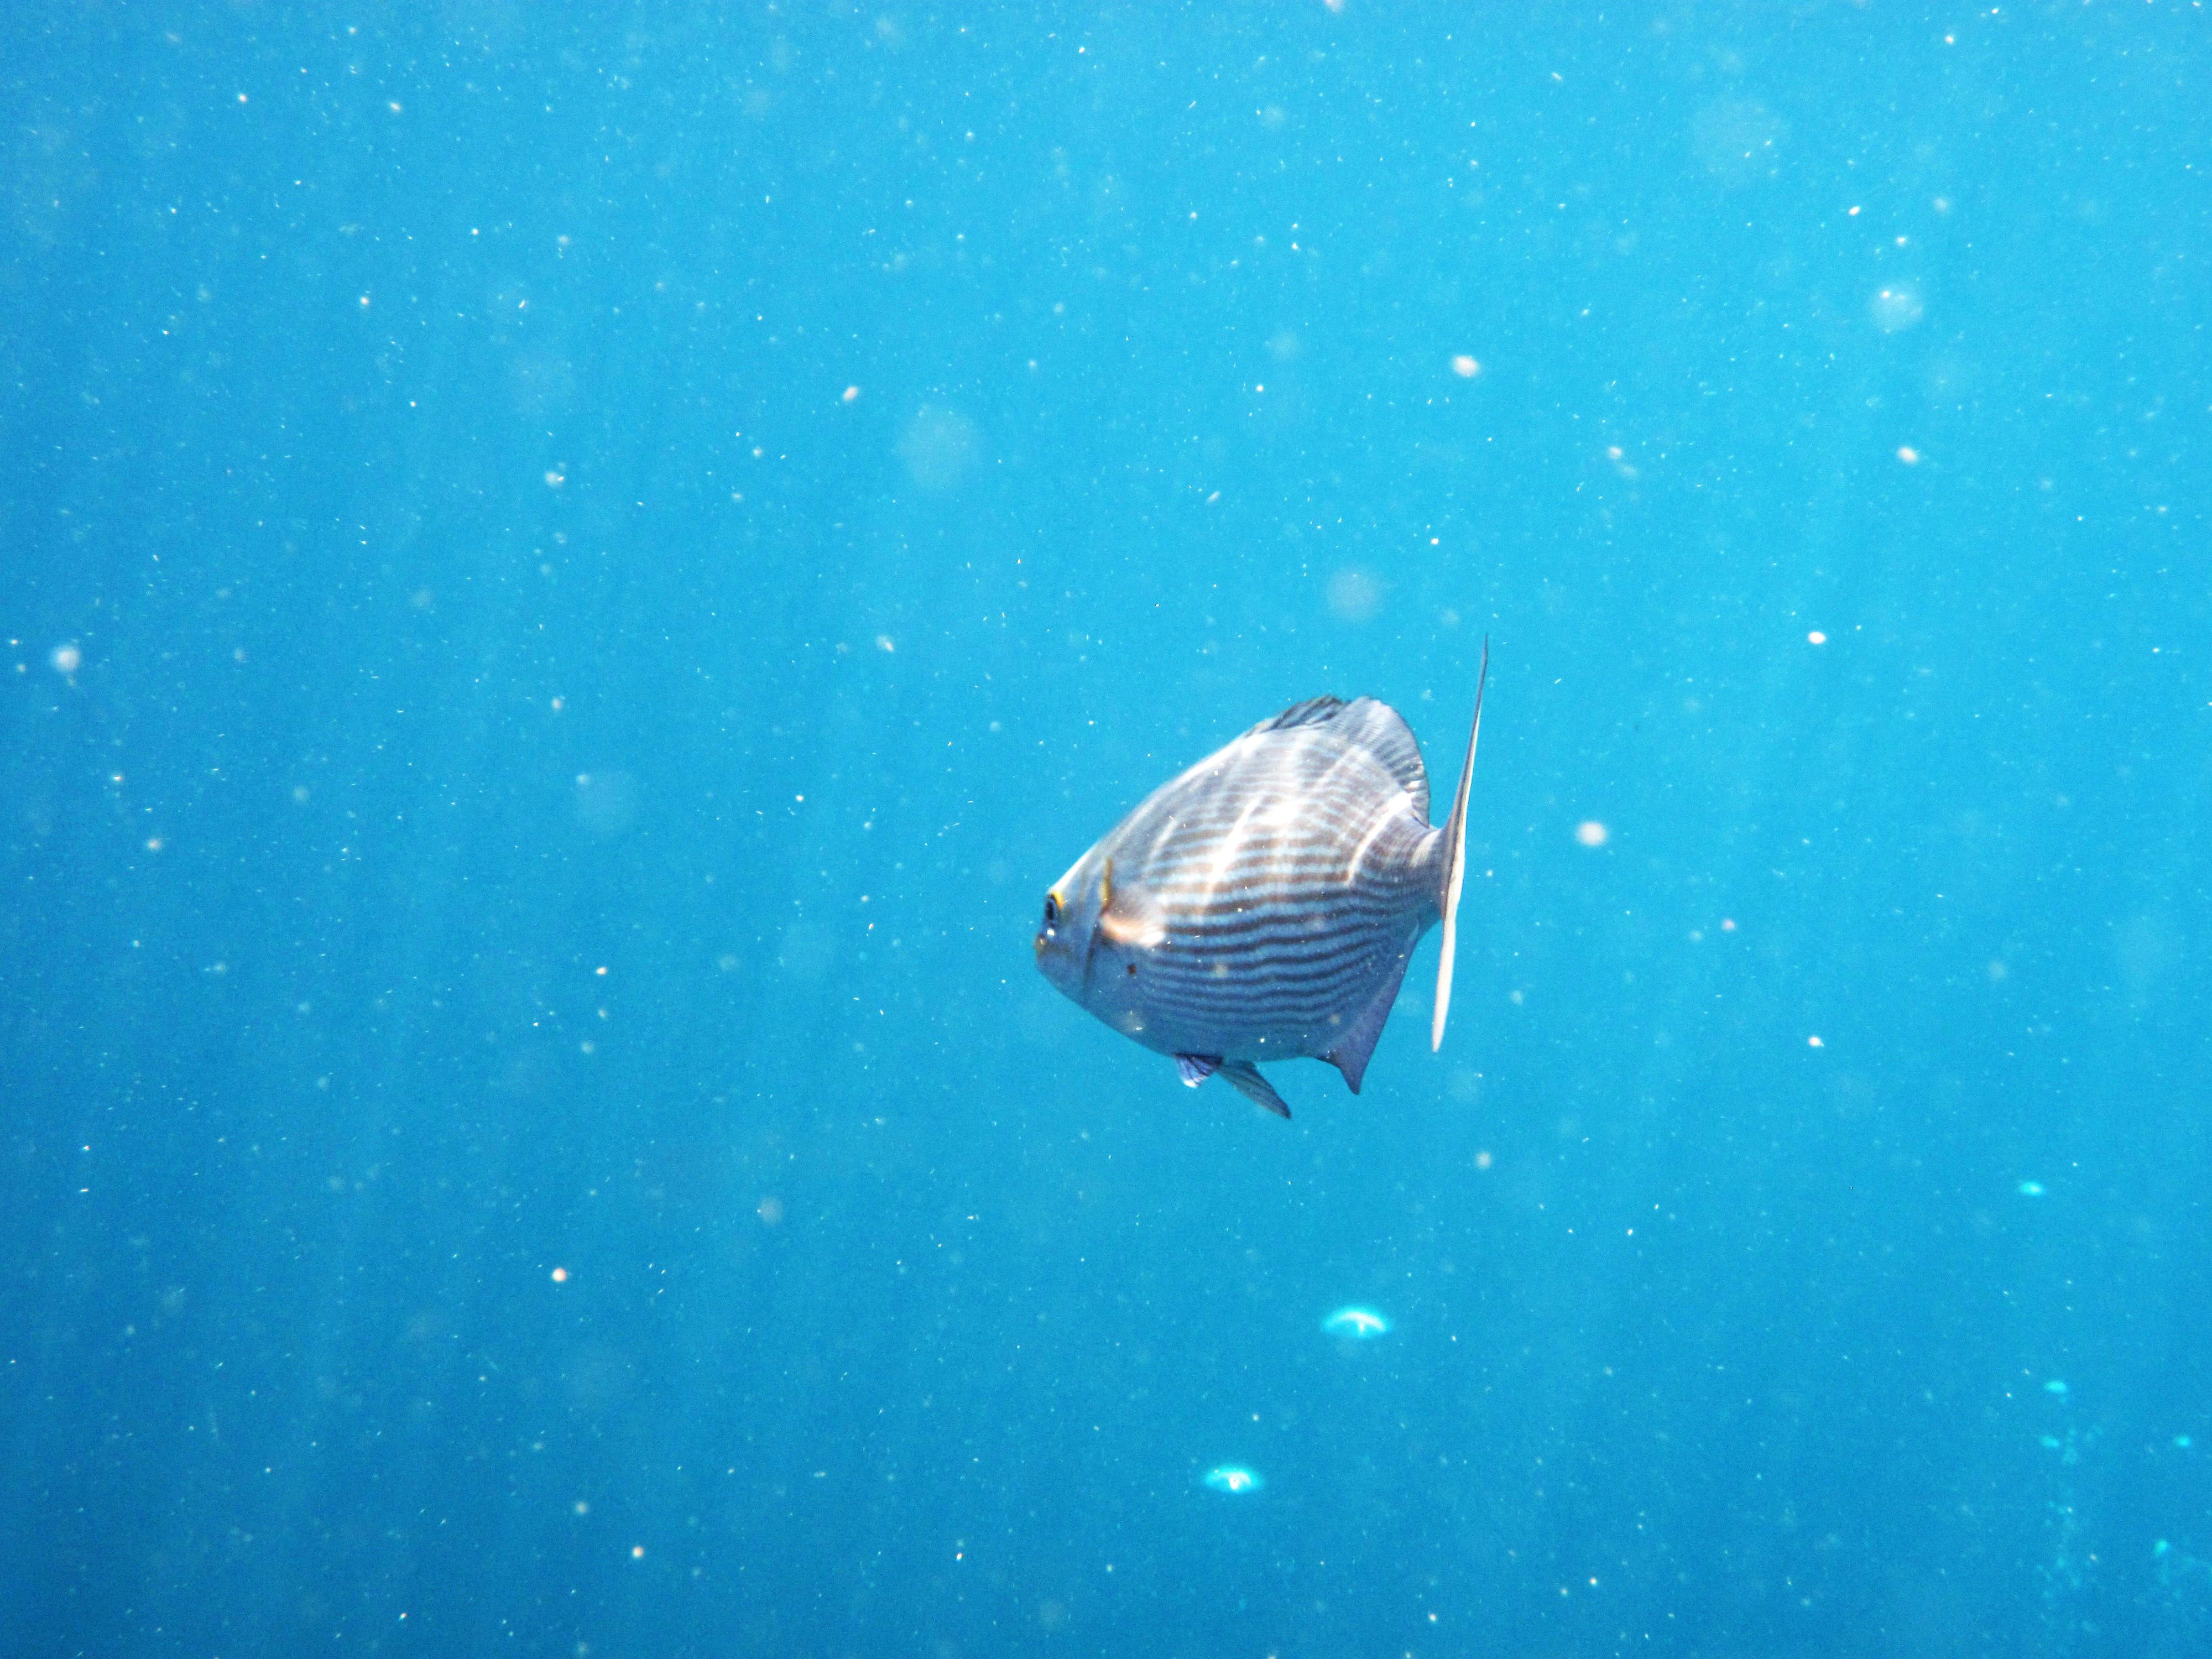 Hình ảnh đại Dương Dưới Nước Sinh Học Màu Xanh Da Trời